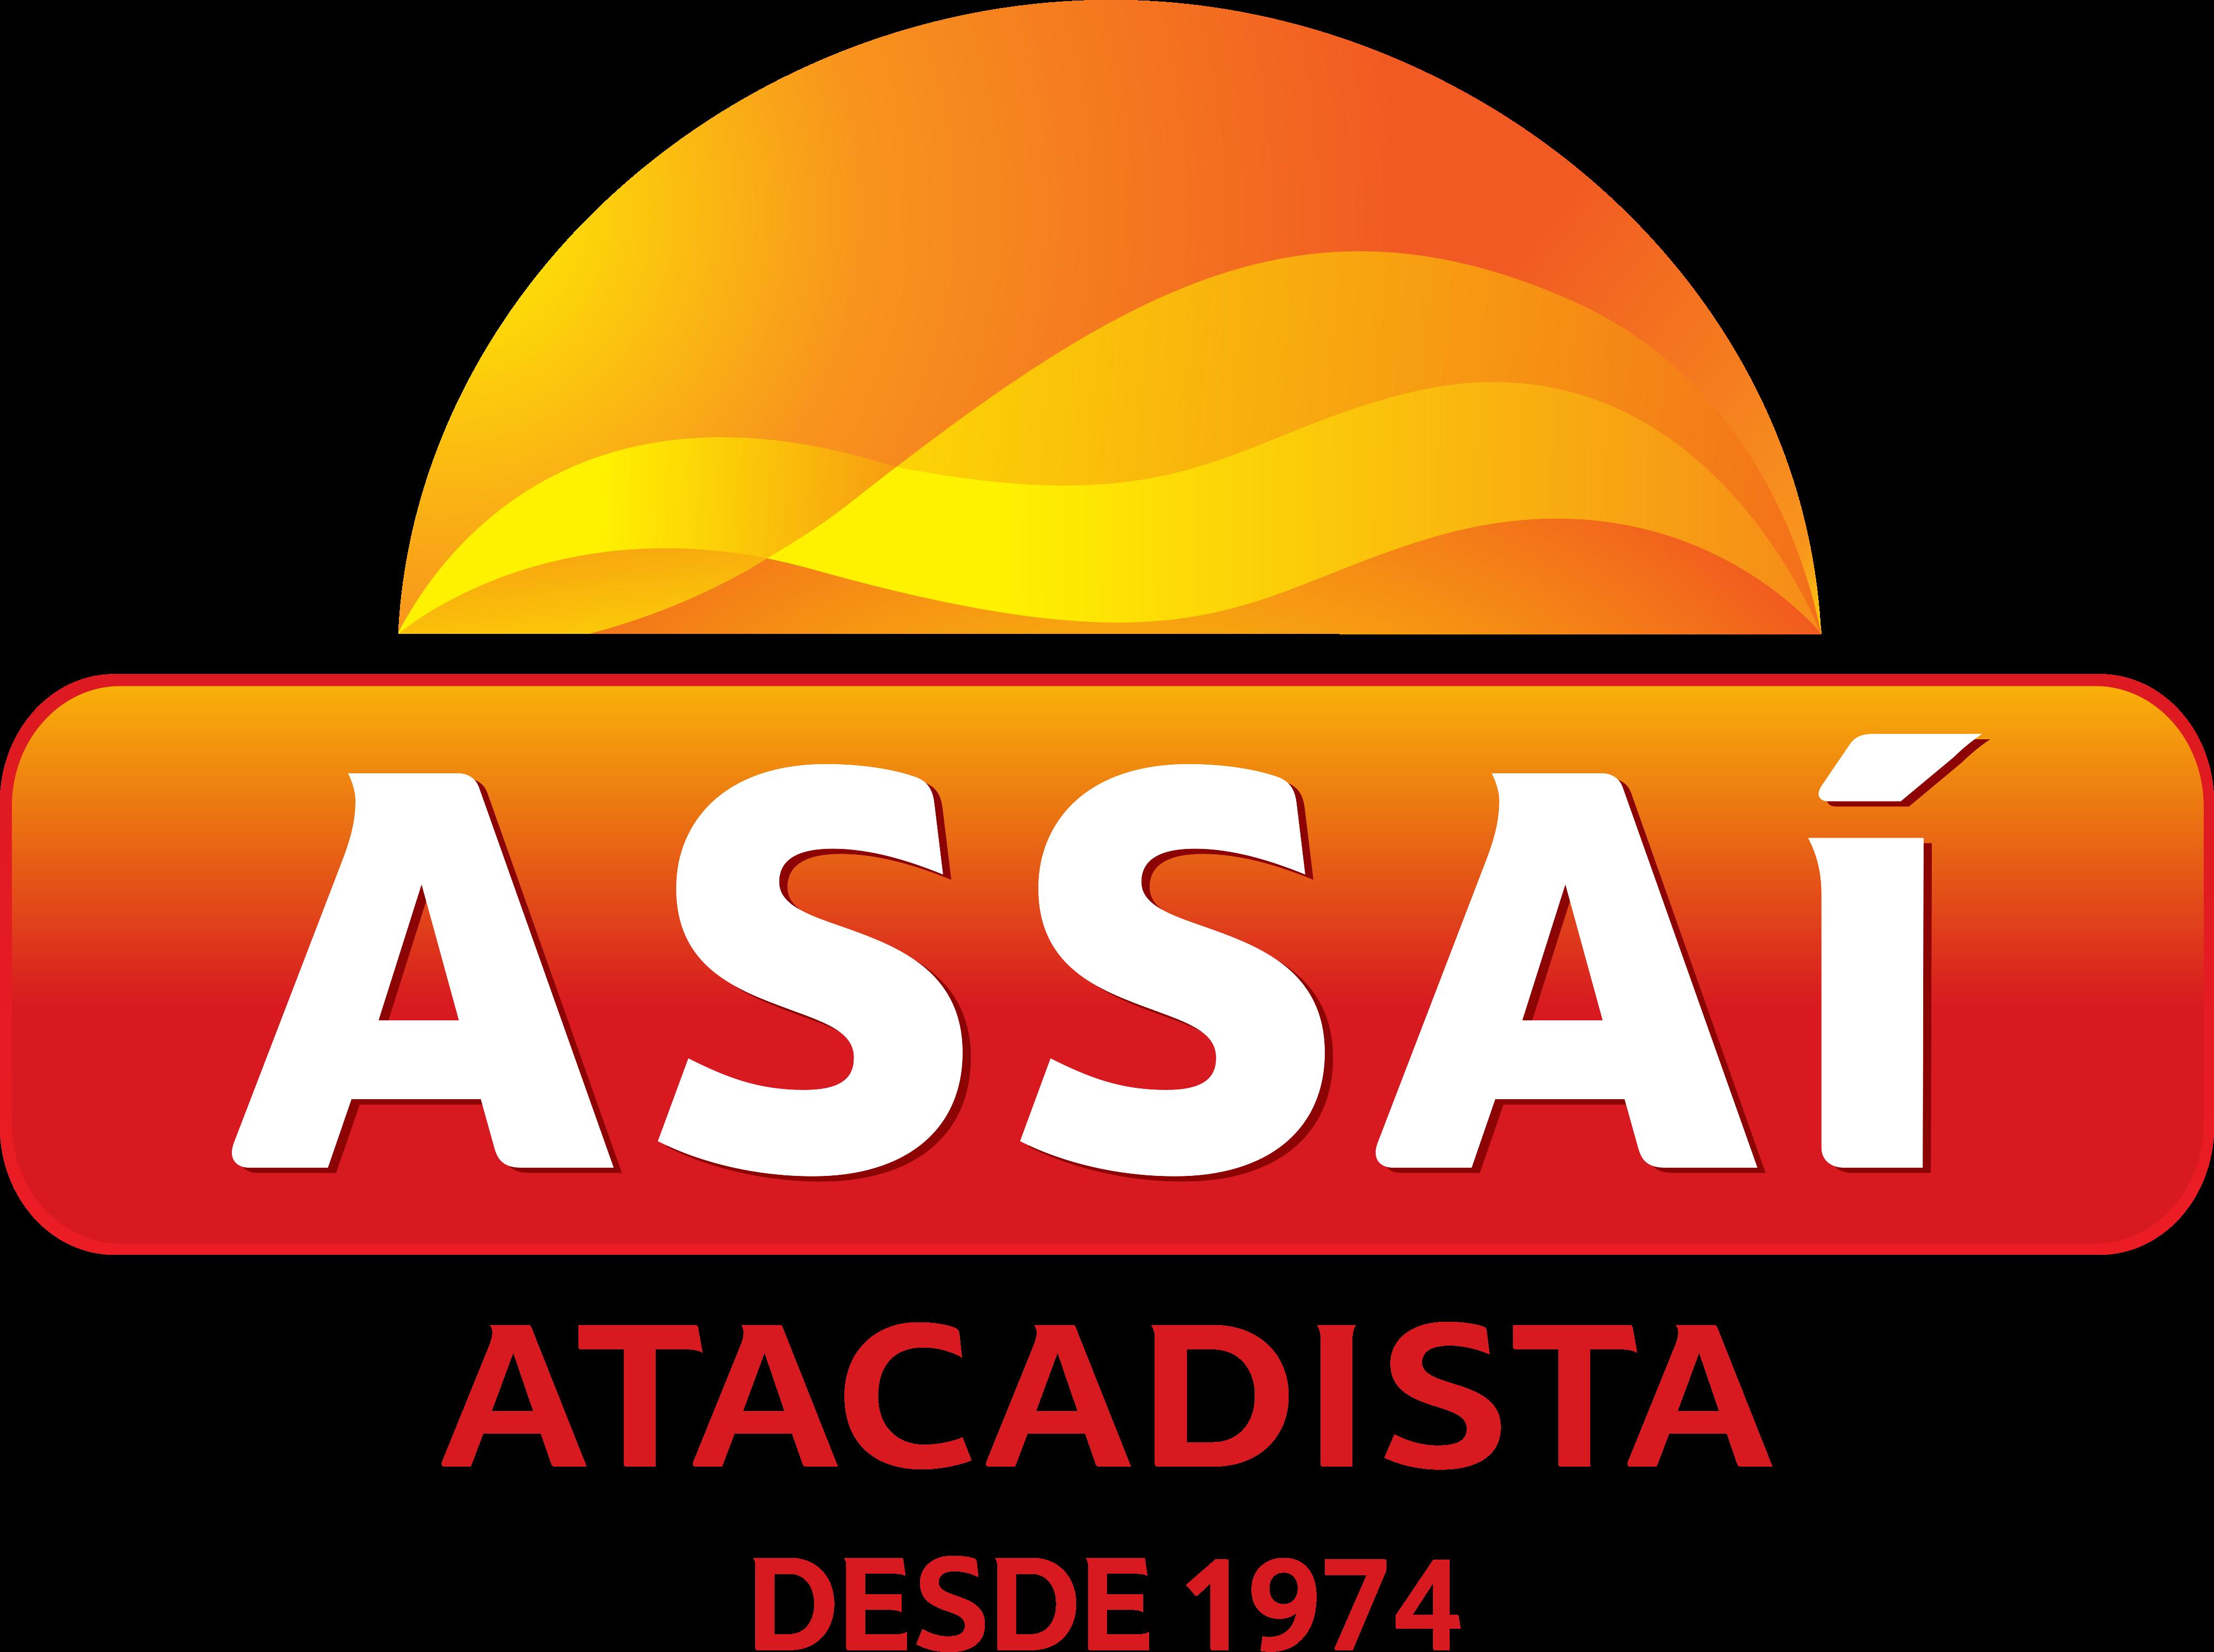 Assaí Atacadista Logo.